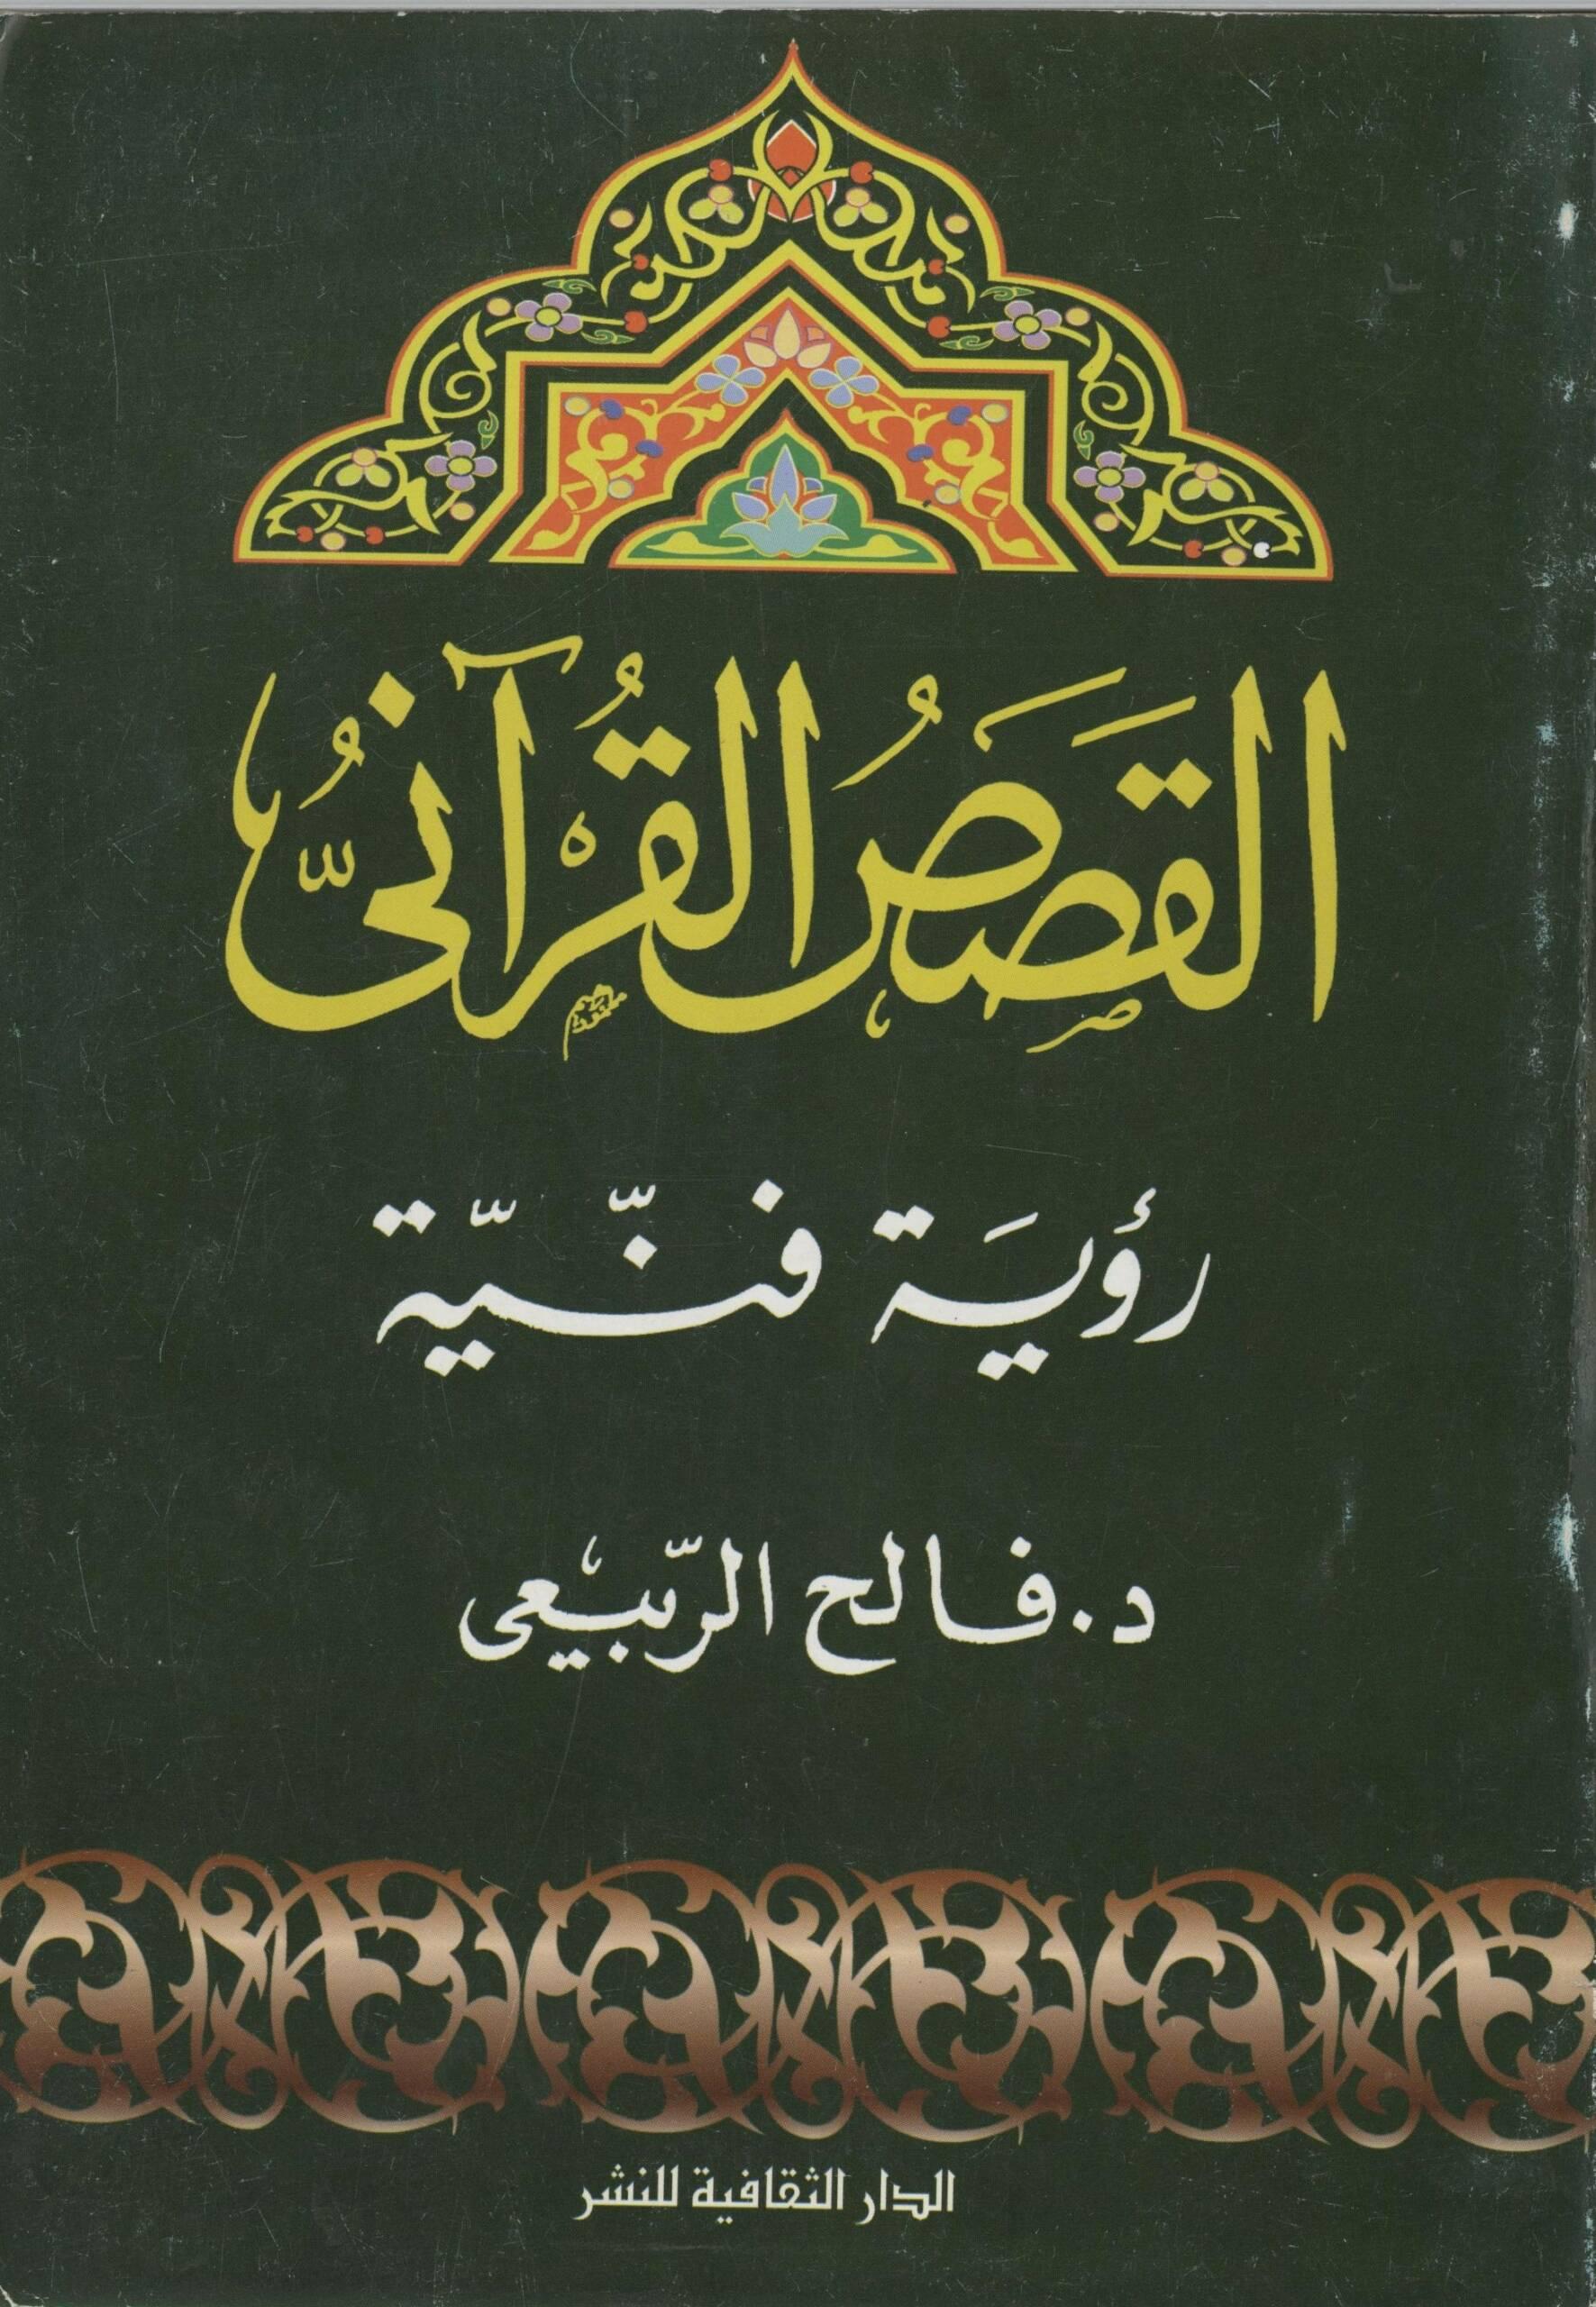 القصص القرآني.. رؤية فنية